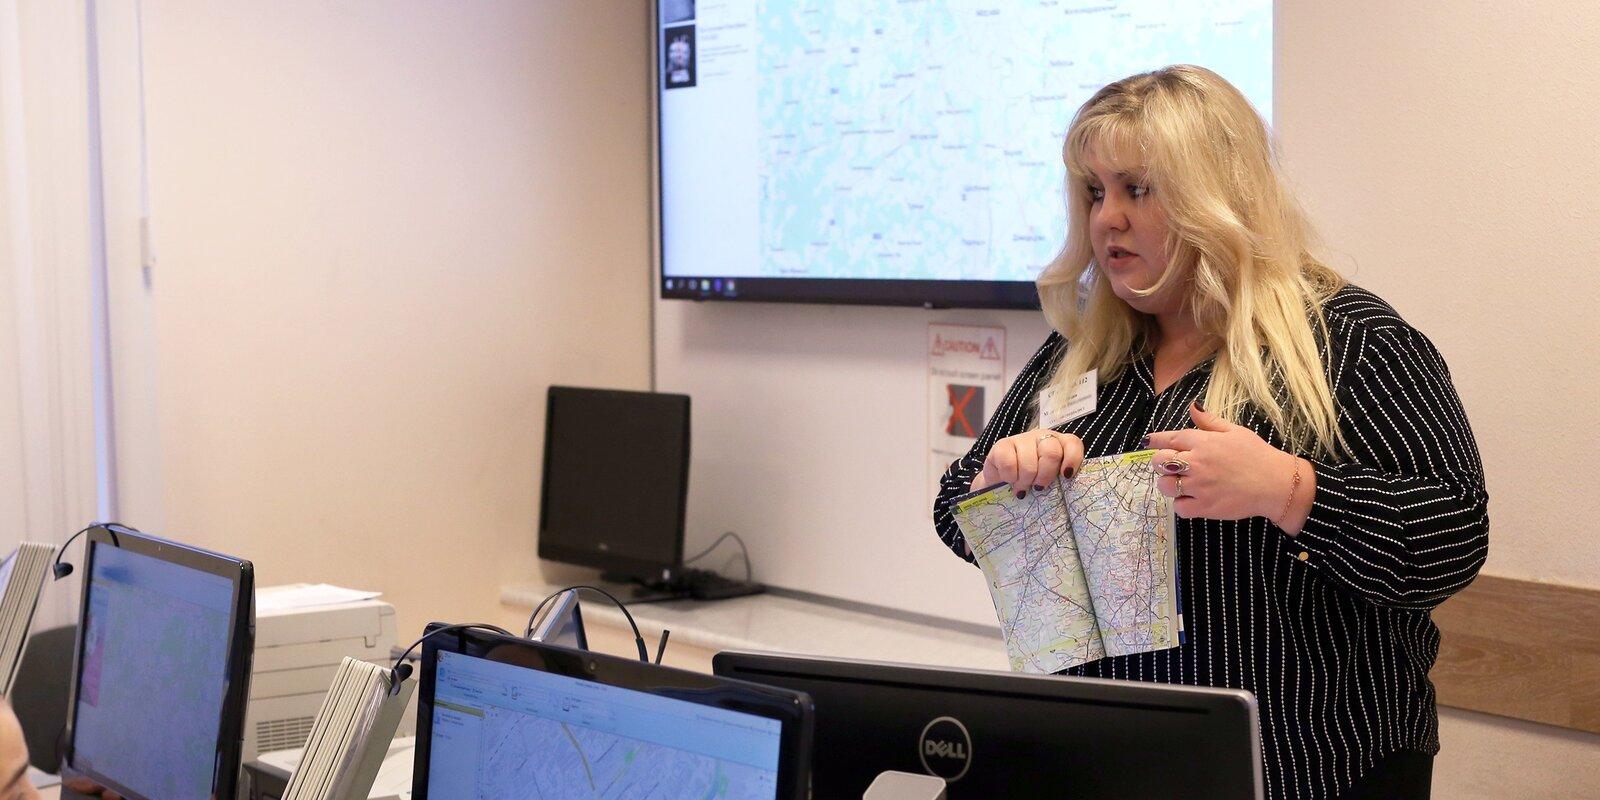 Знание психологии помогло оператору Системы 112 быстрее освоить профессию. Фото: пресс-служба ГОЧСиПБ